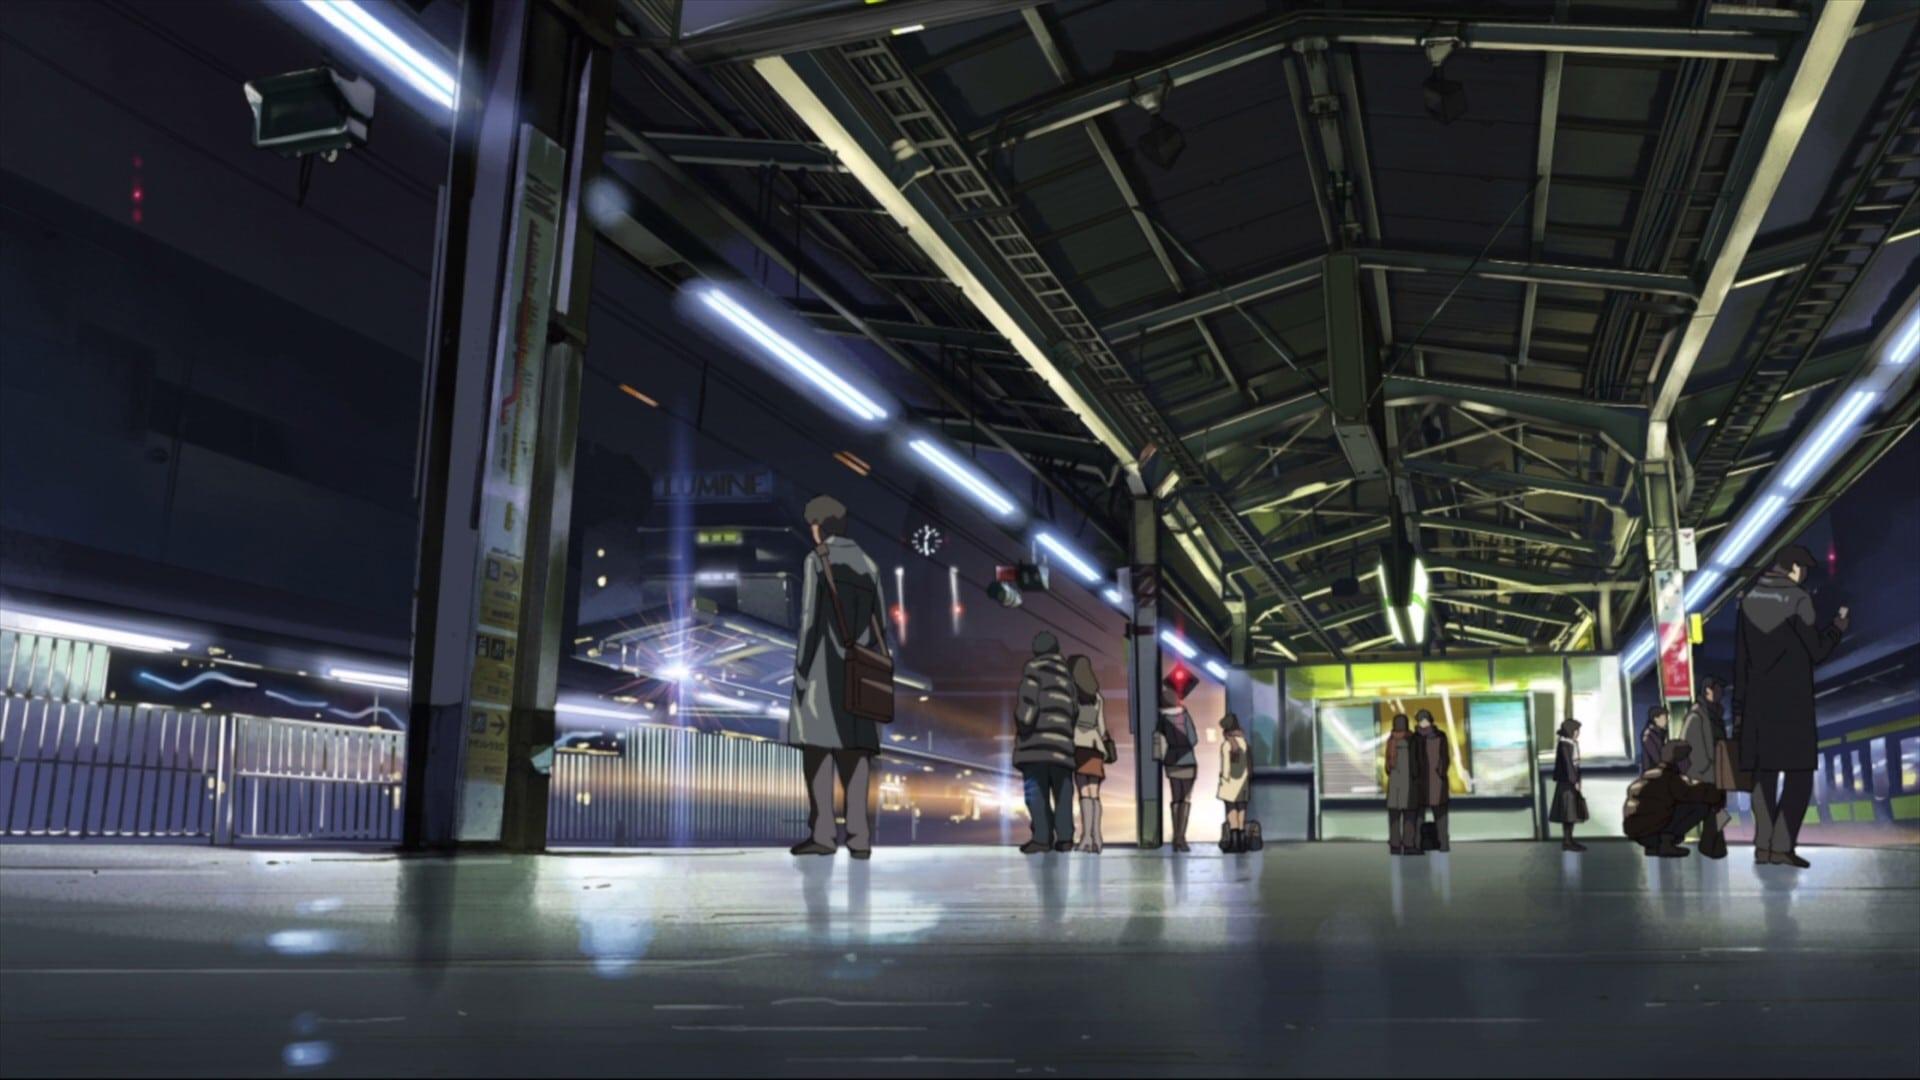 Saniyede Beş Santimetre (2007)